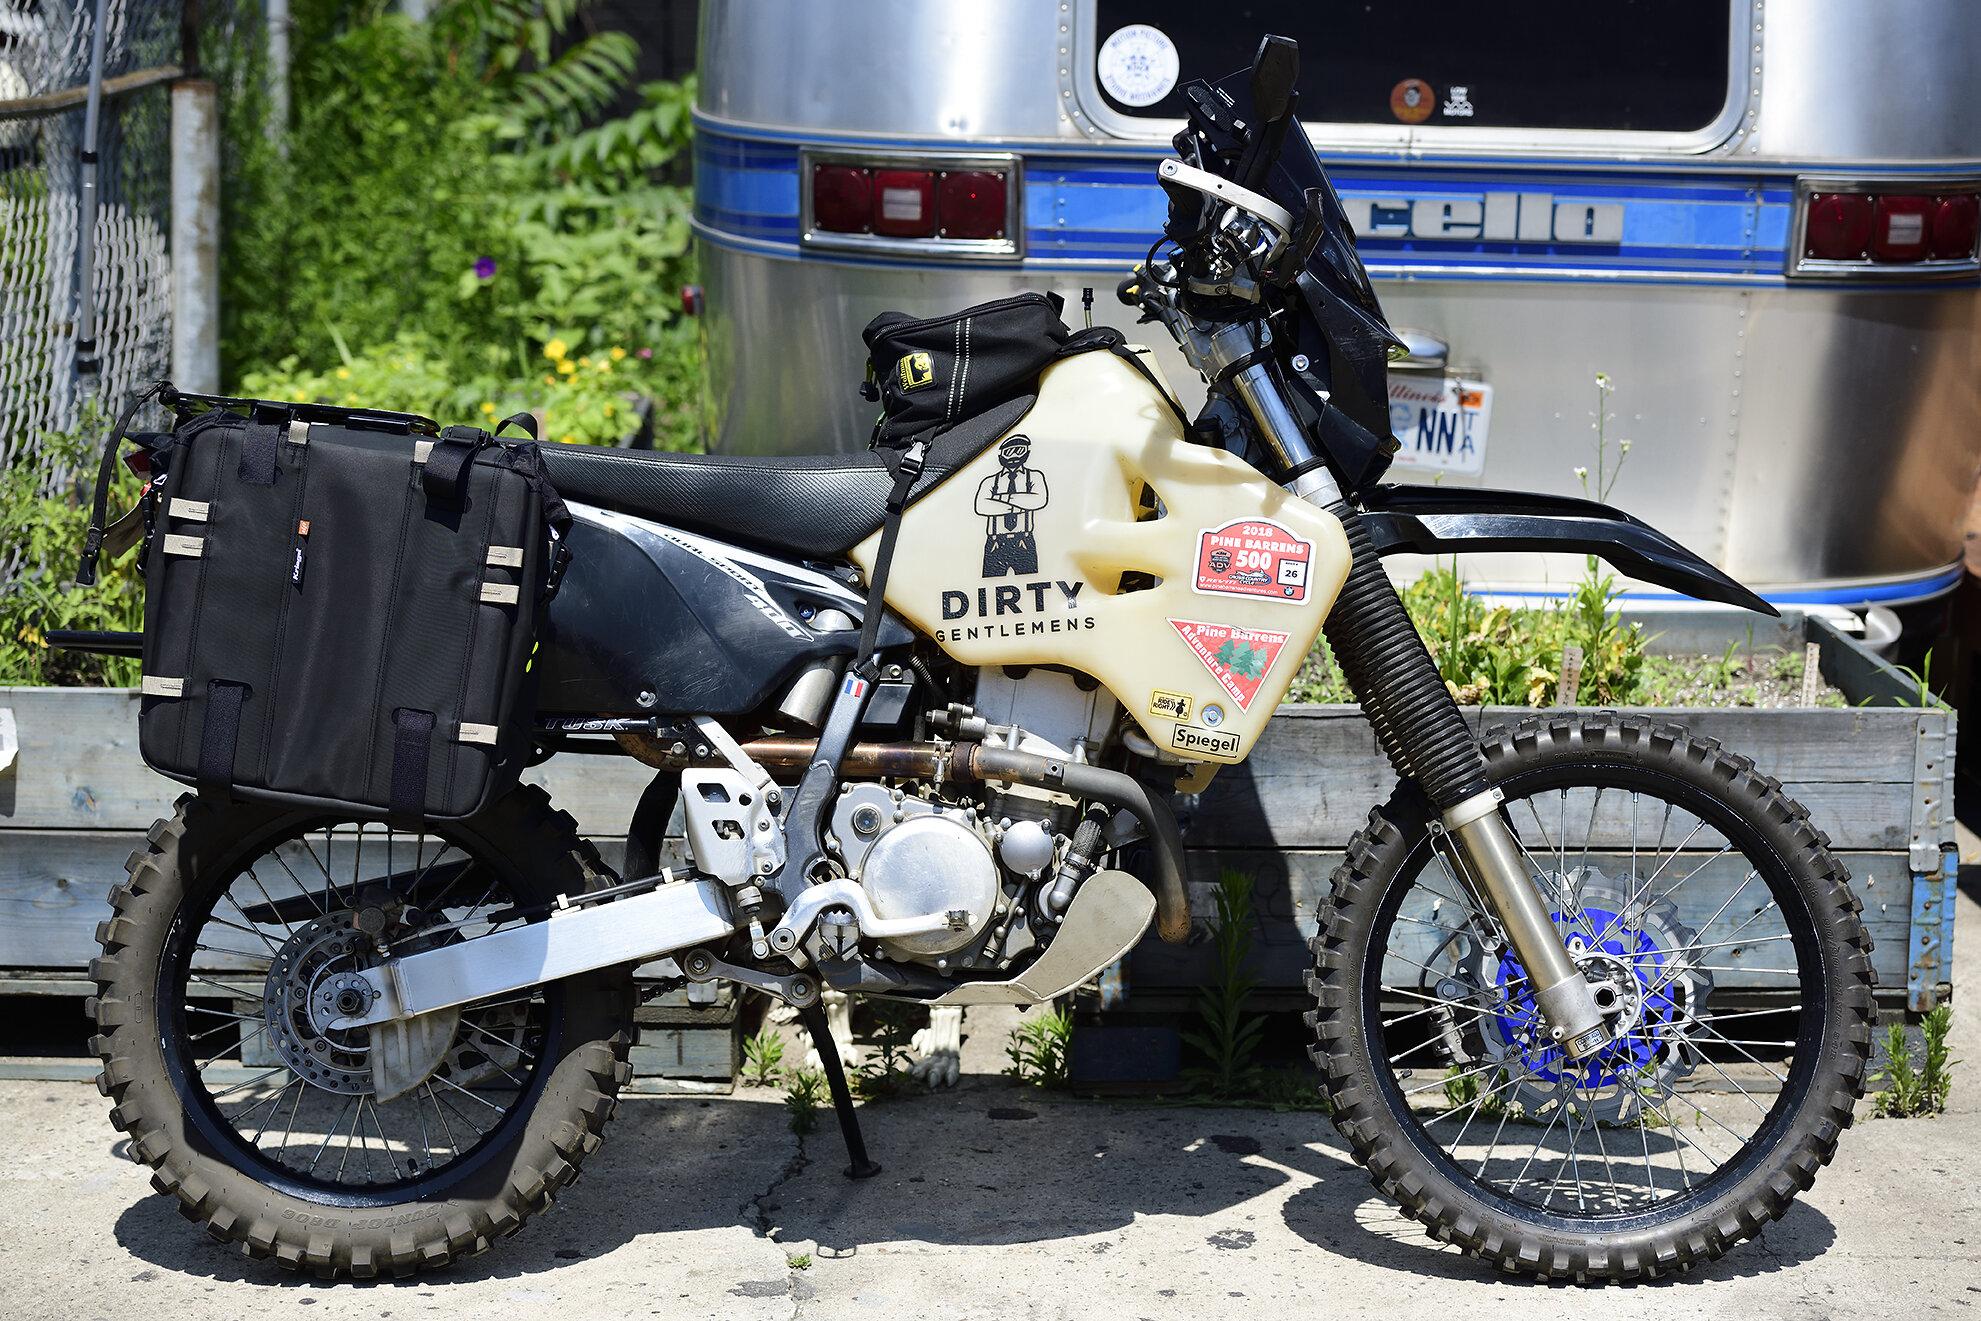 motomarket3_014.jpg